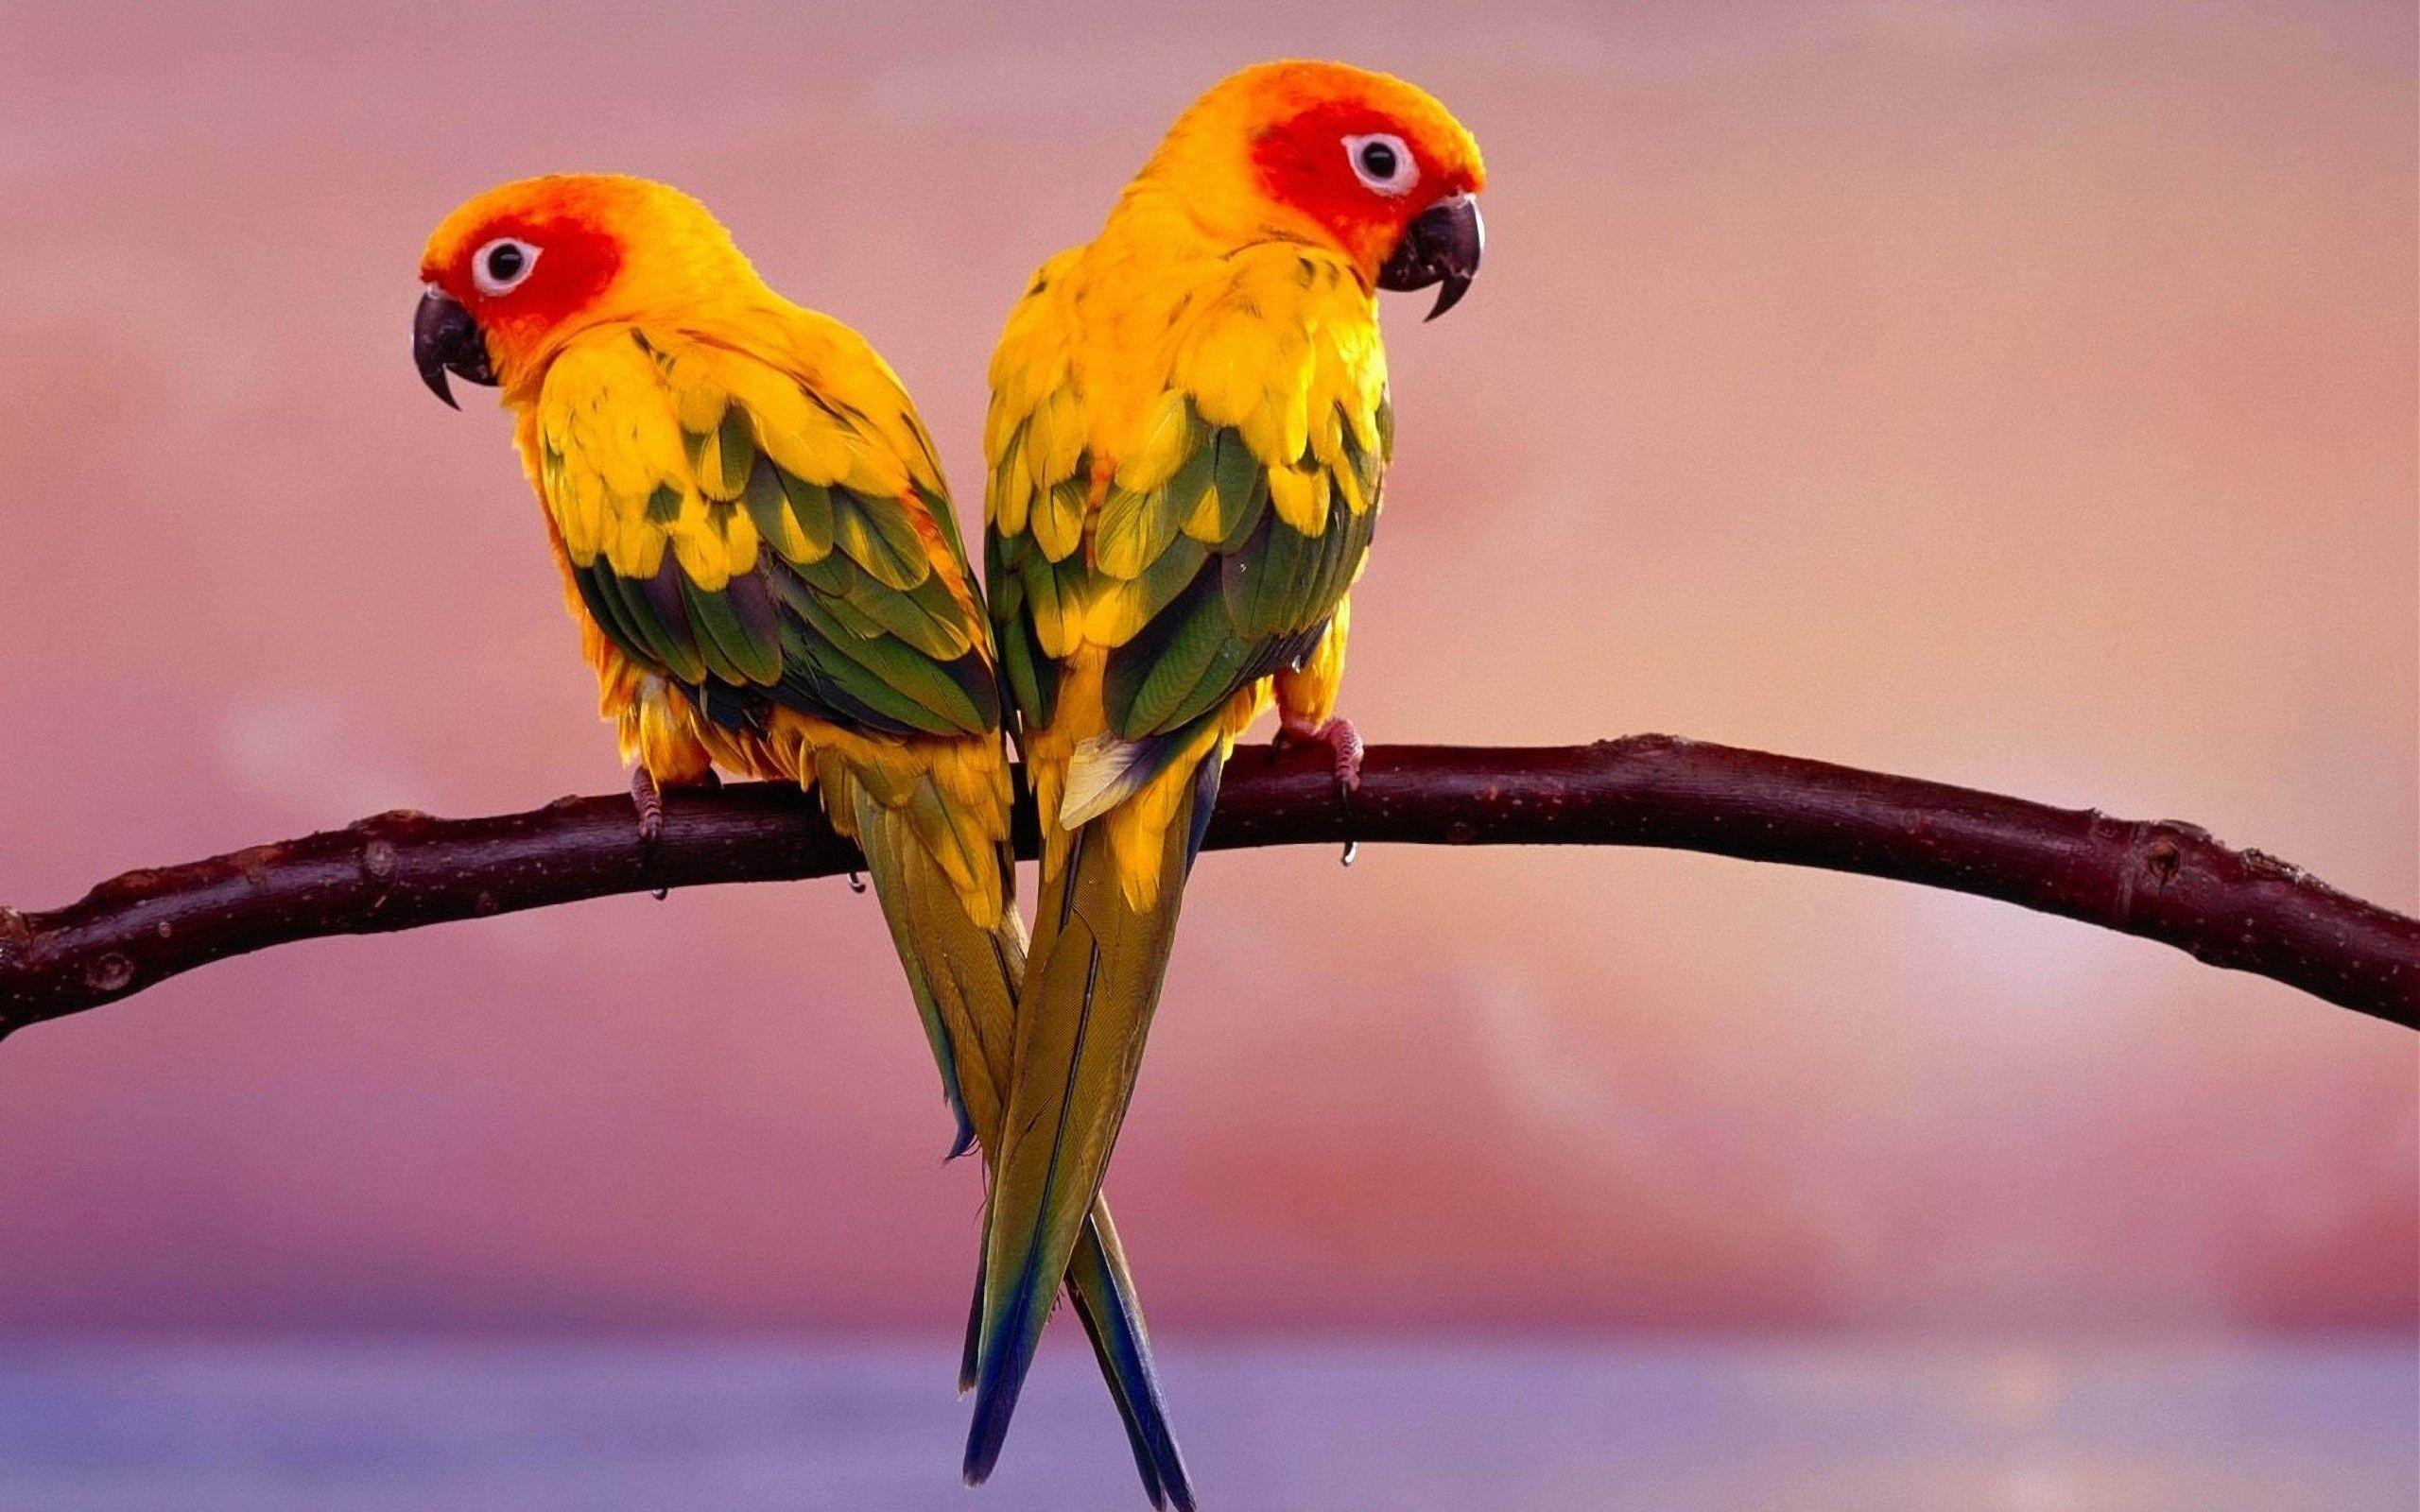 157172 Заставки и Обои Попугаи на телефон. Скачать Попугаи, Животные, Птицы, Пара, Ветка картинки бесплатно